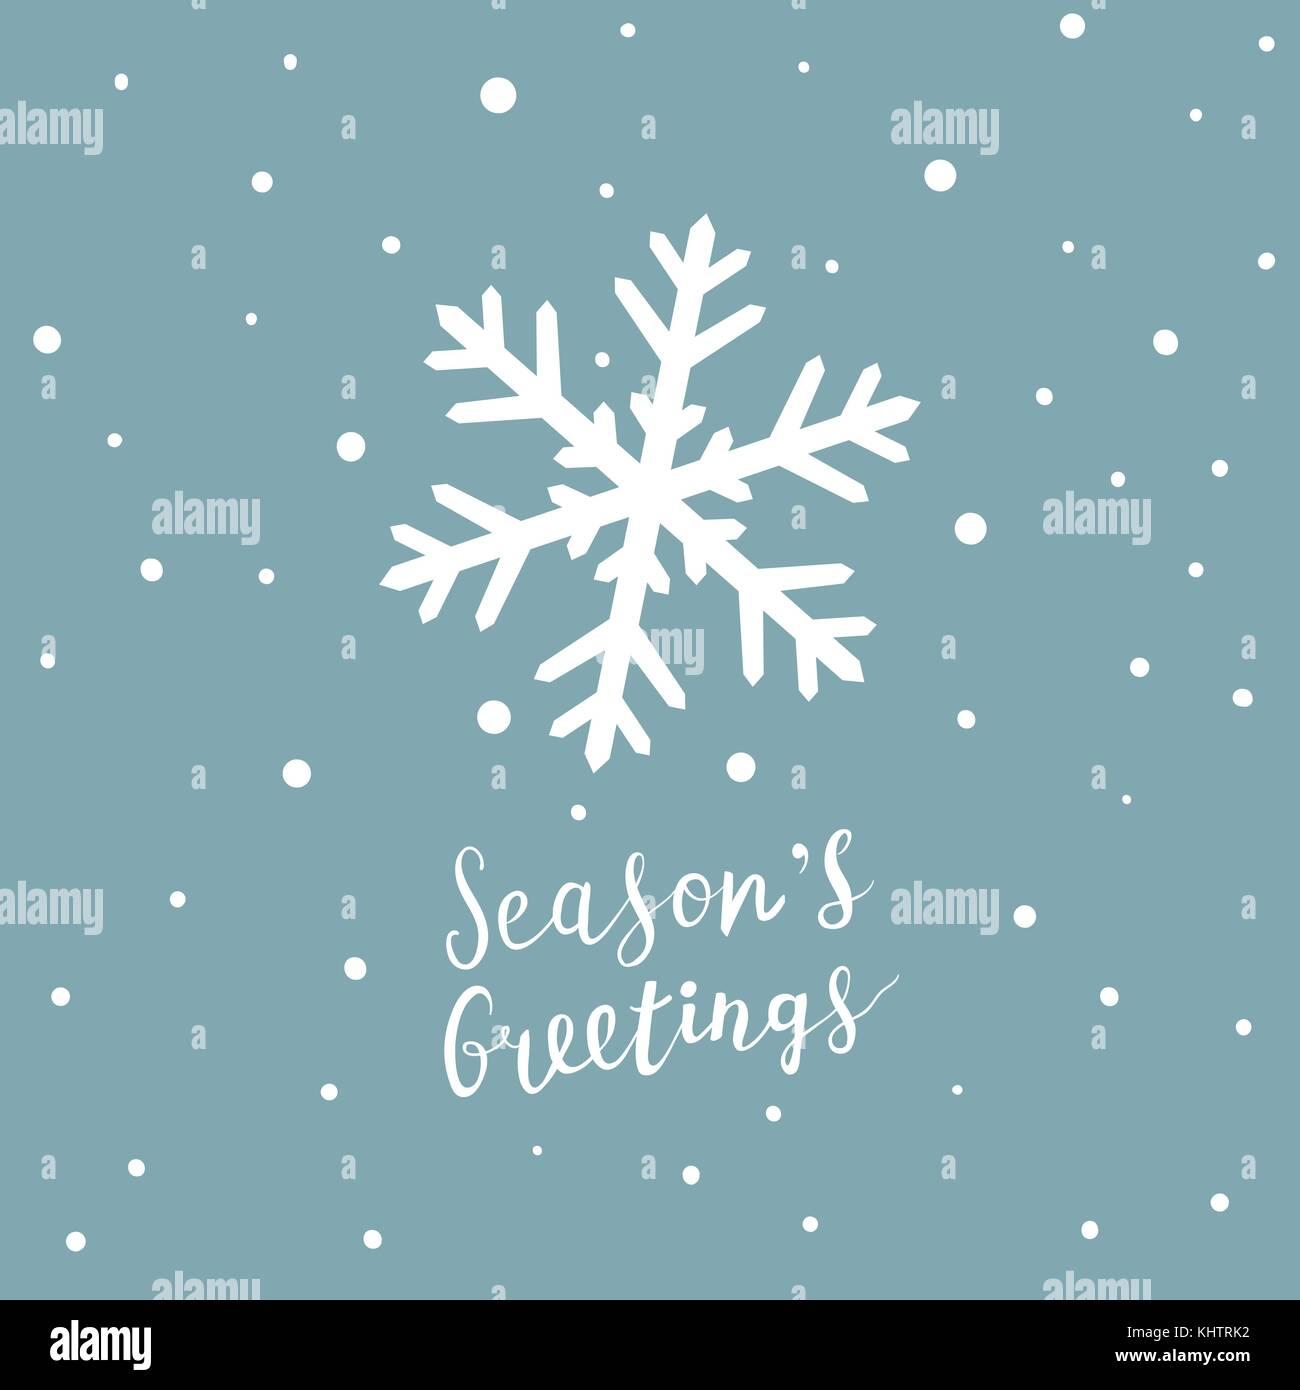 Scheda di natale con il simbolo del fiocco di neve e scritto a mano scritte, natale elementi di design Immagini Stock